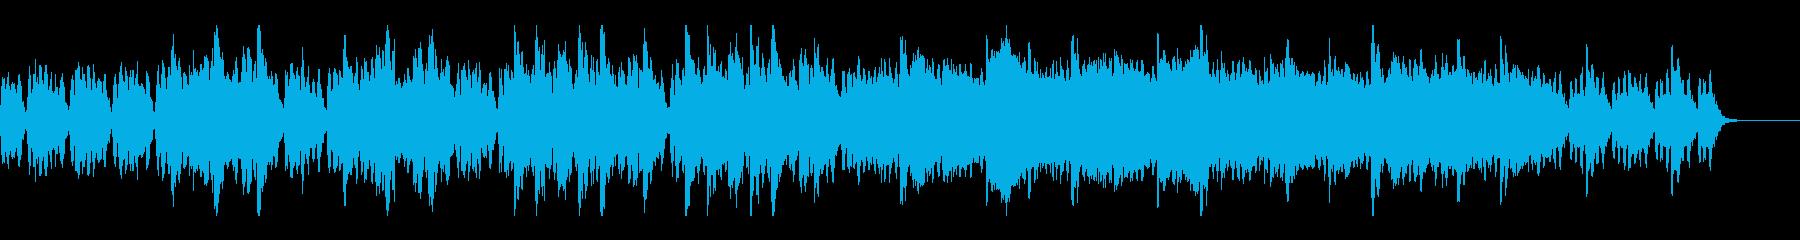 映像やCMなどに、透明感のあるBGMの再生済みの波形